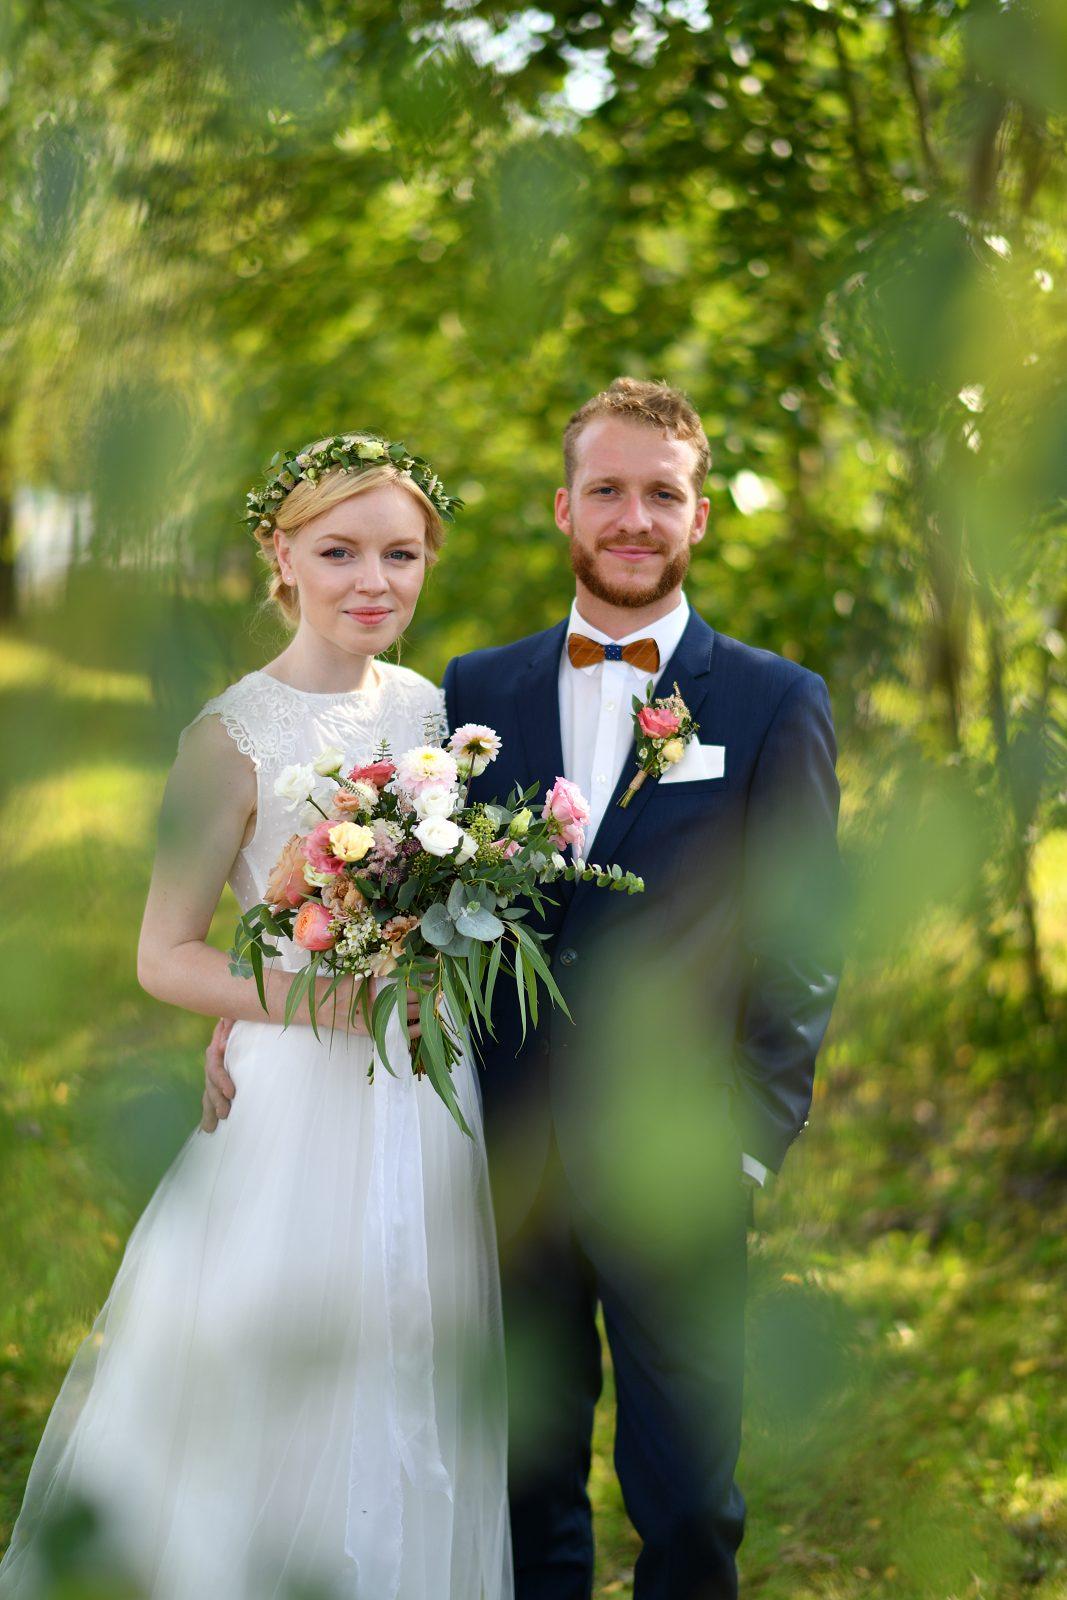 Svatební fotografie – využijte přirozeného prostředí